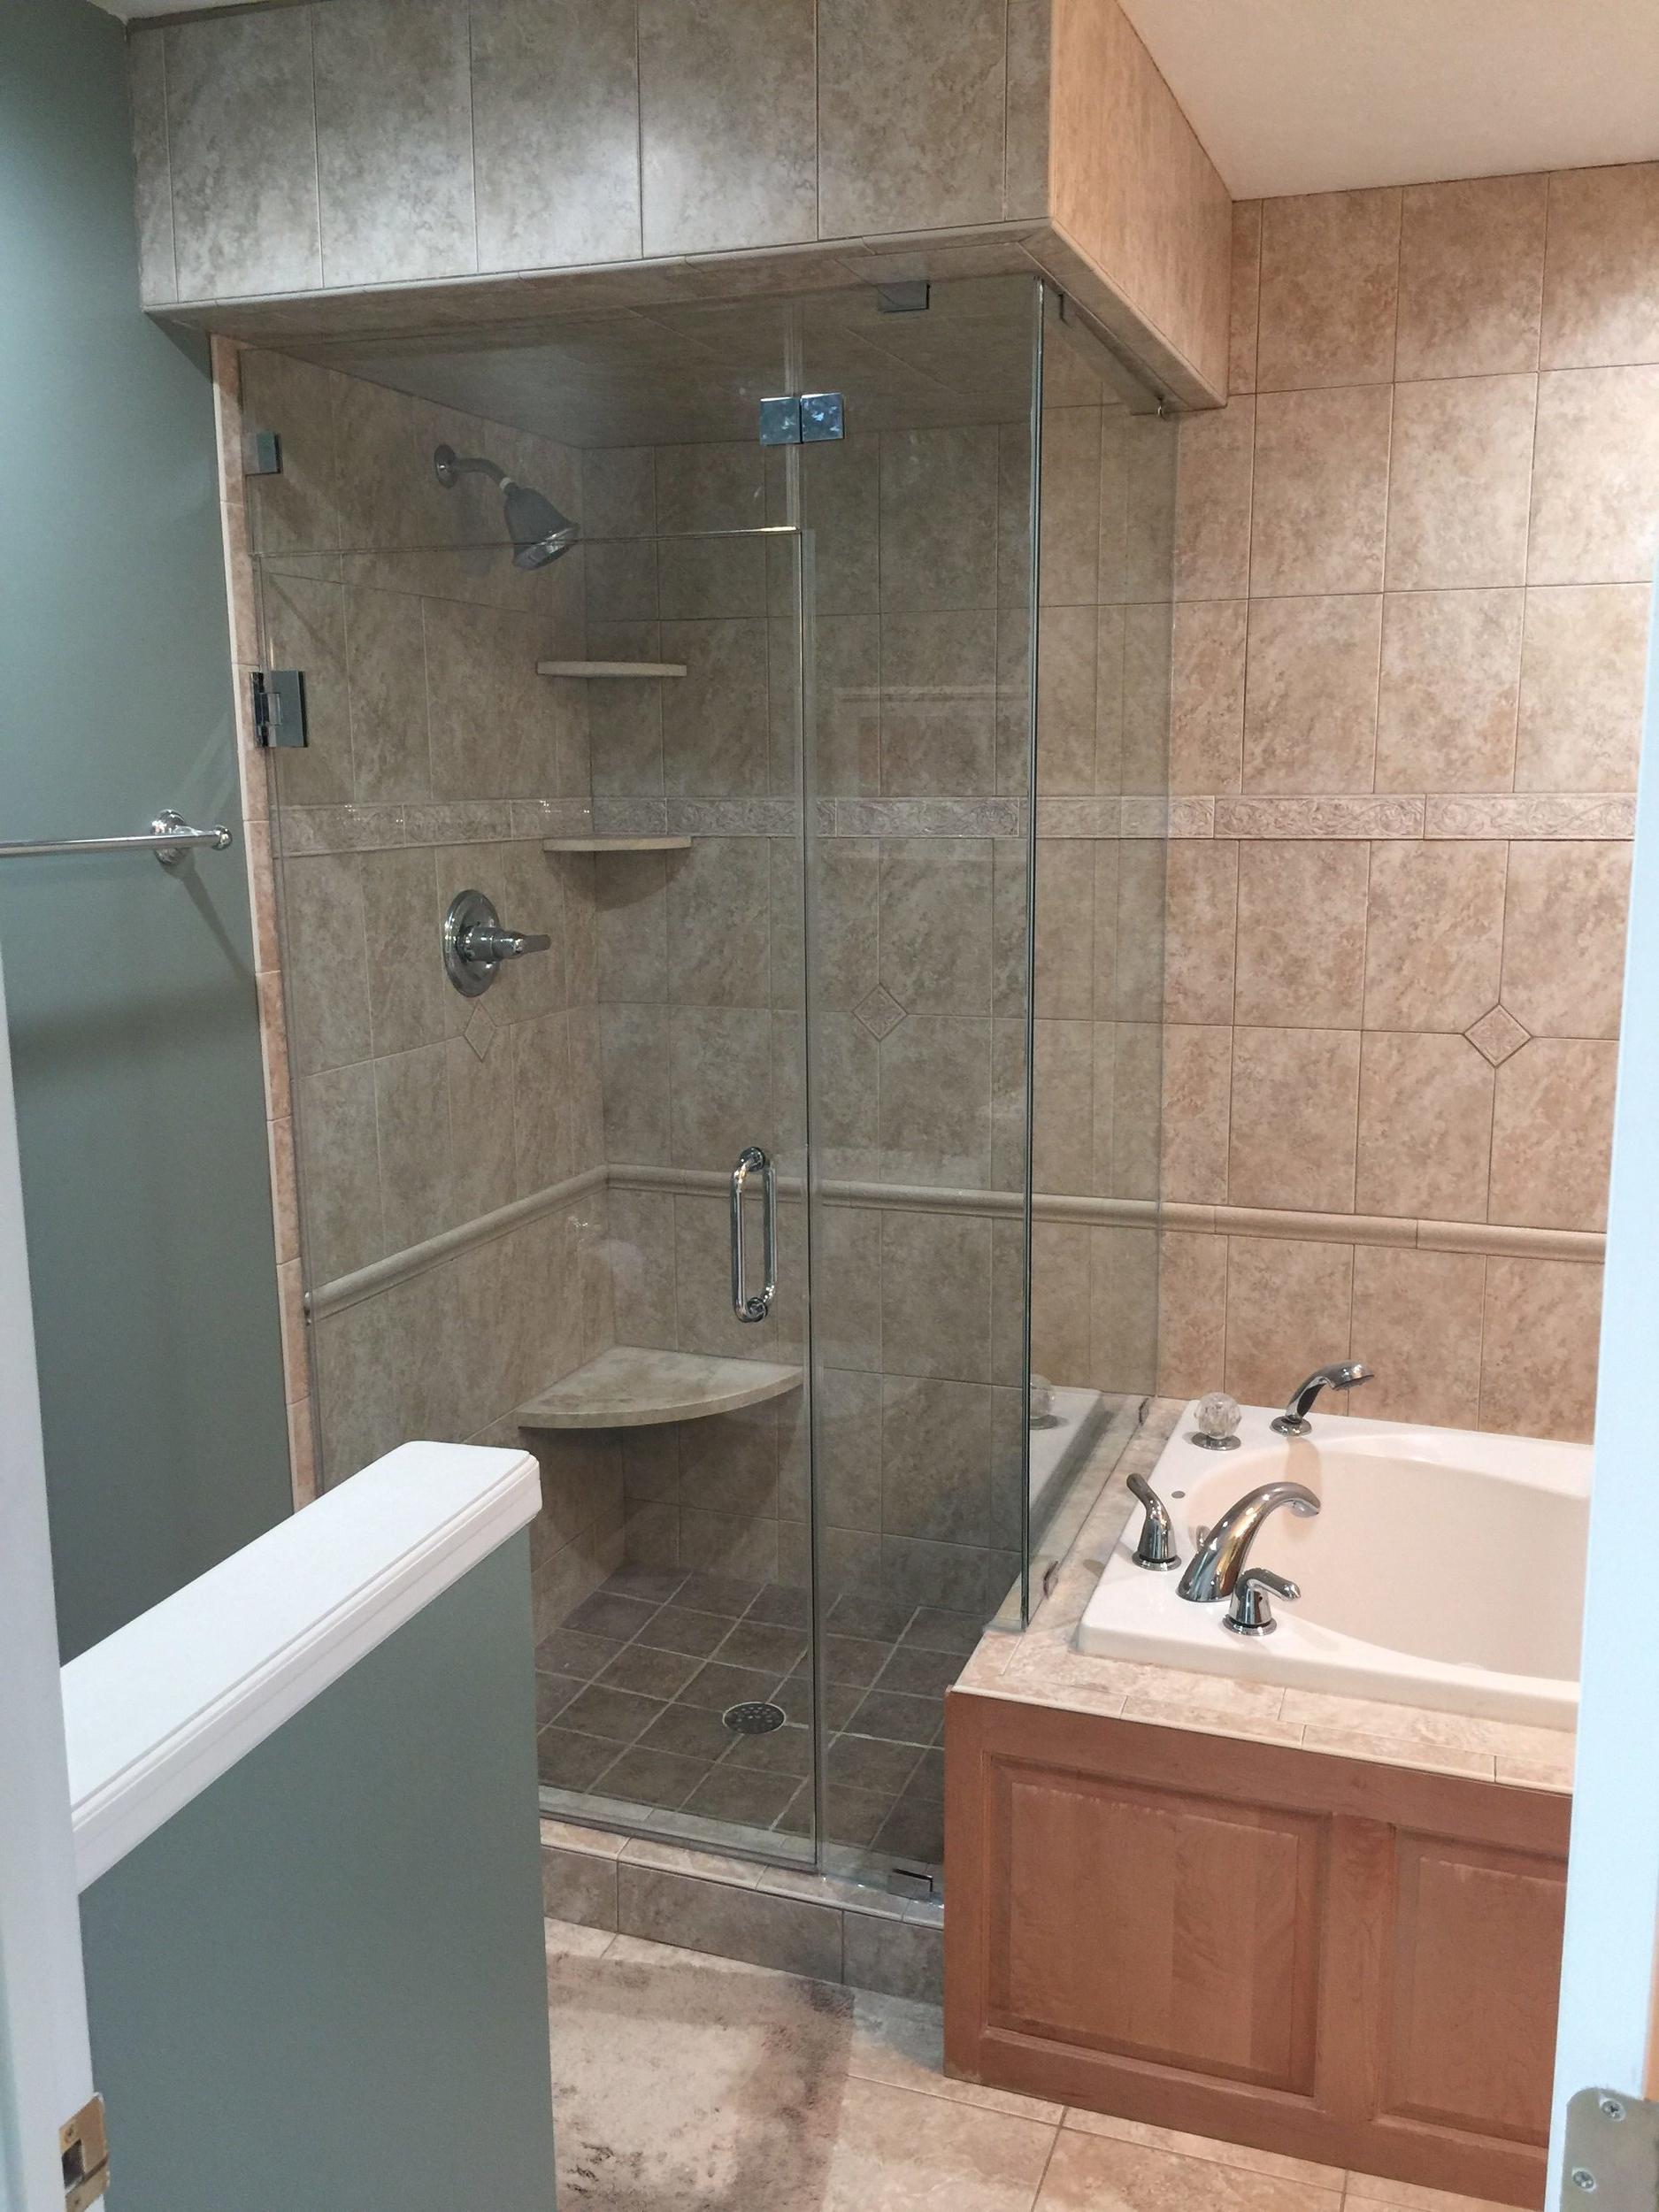 Chase_shower_door_photos-44.jpg